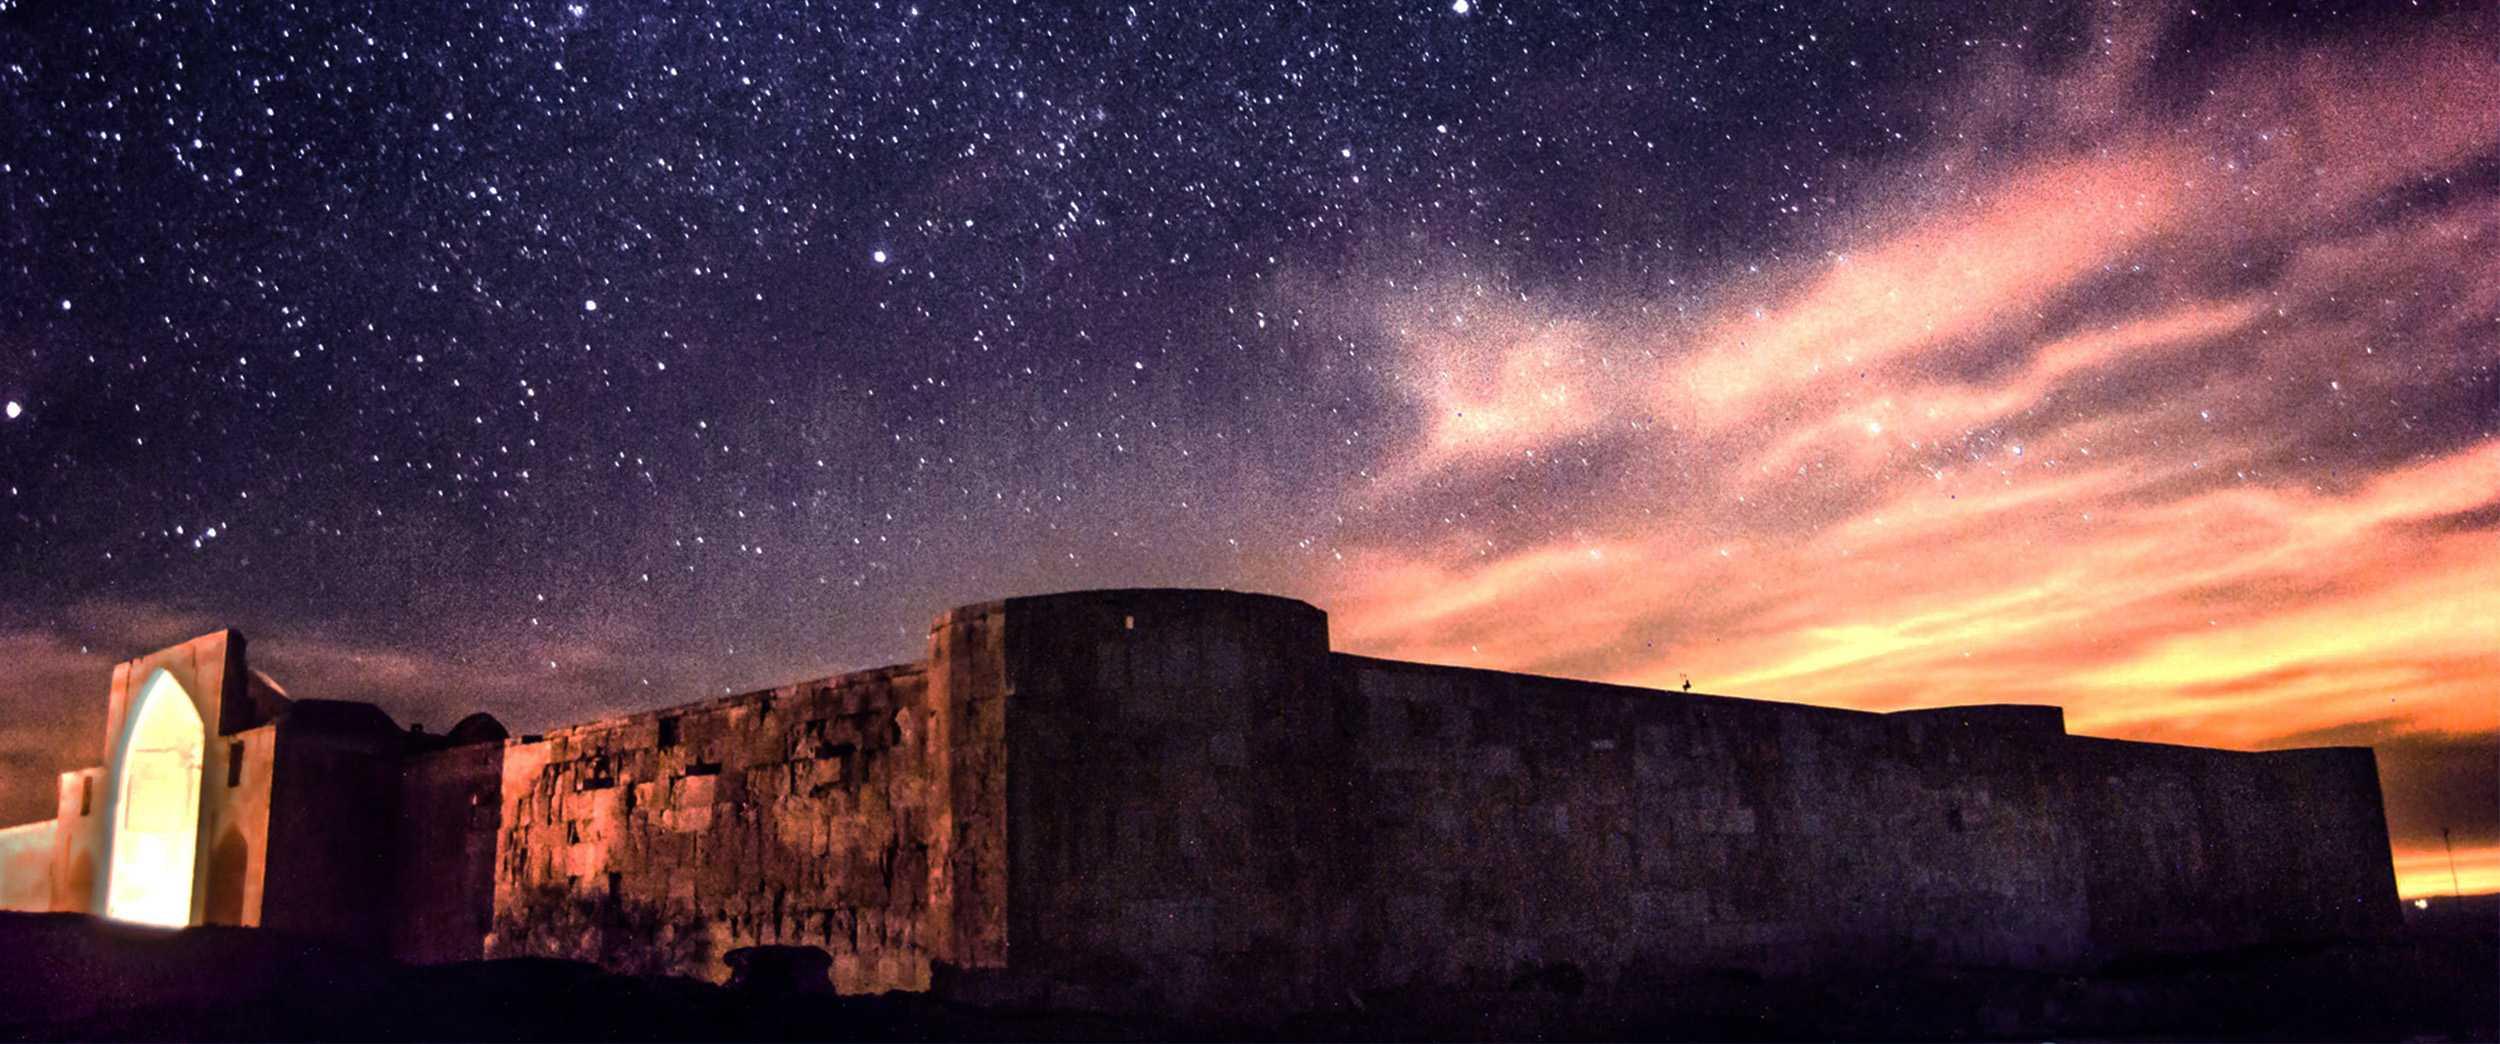 کاروانسرای قصر بهرام ، آرامشی تاریخی در دل کویر